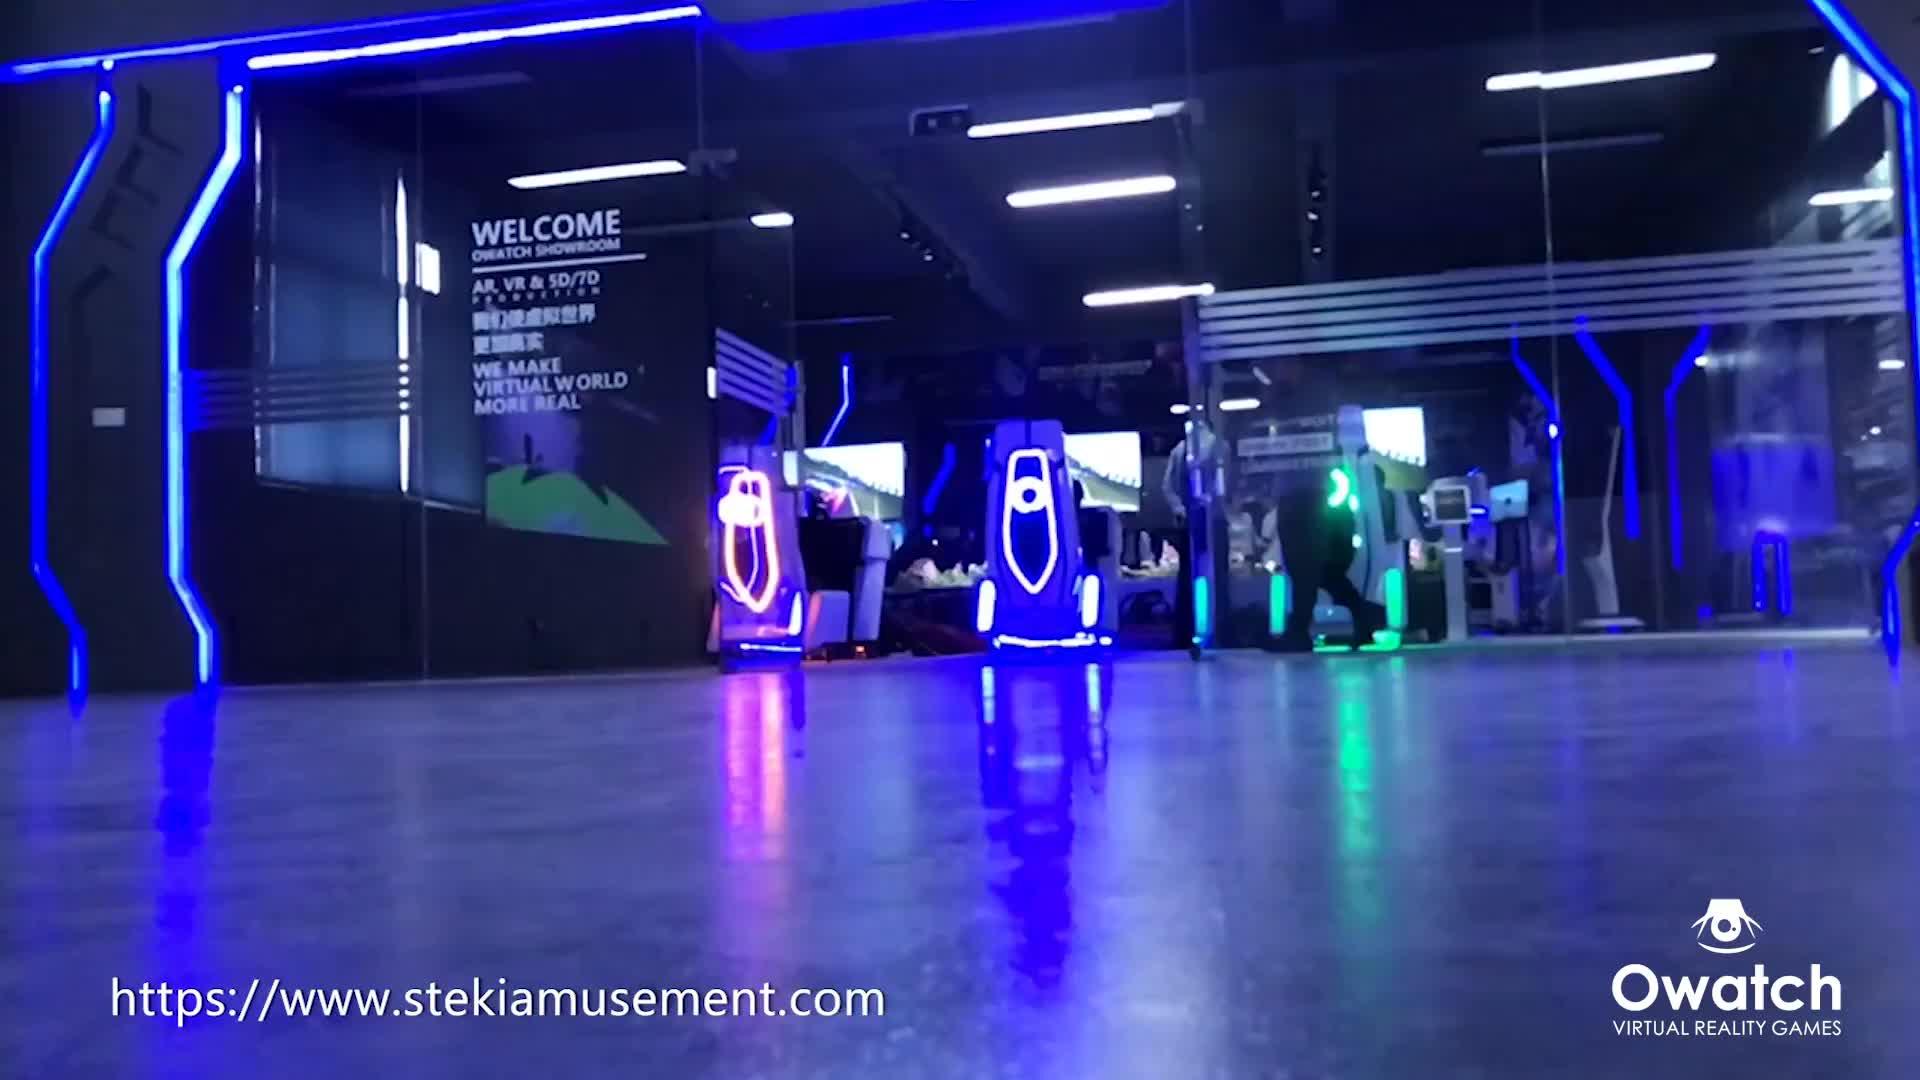 Xem phim gia đình 9d điện ảnh mô phỏng với trò chơi tương tác, vui 9D VR Sản Phẩm cho công viên chủ đề